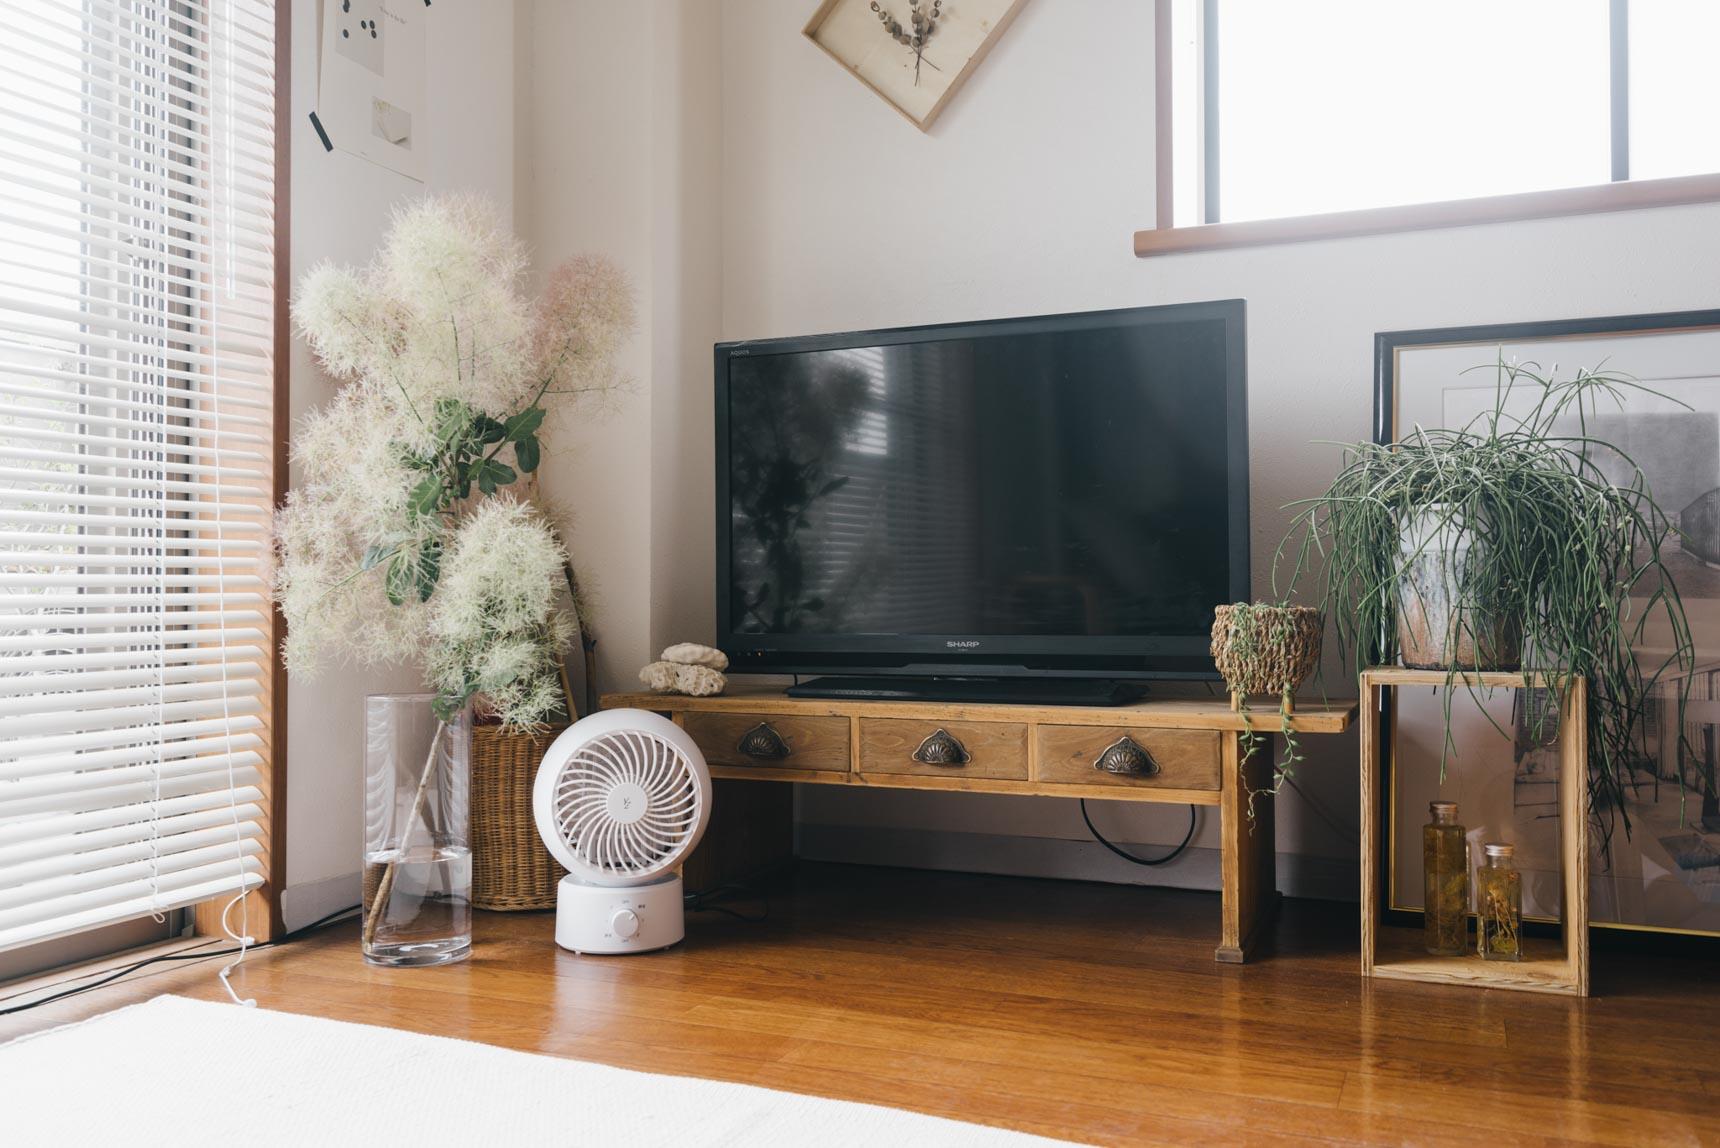 引き出しの取っ手が可愛いテレビボードは、CASIN(http://casin.jp/)のもの。「テレビ周りが無機質にならないように、植物を合わせています」